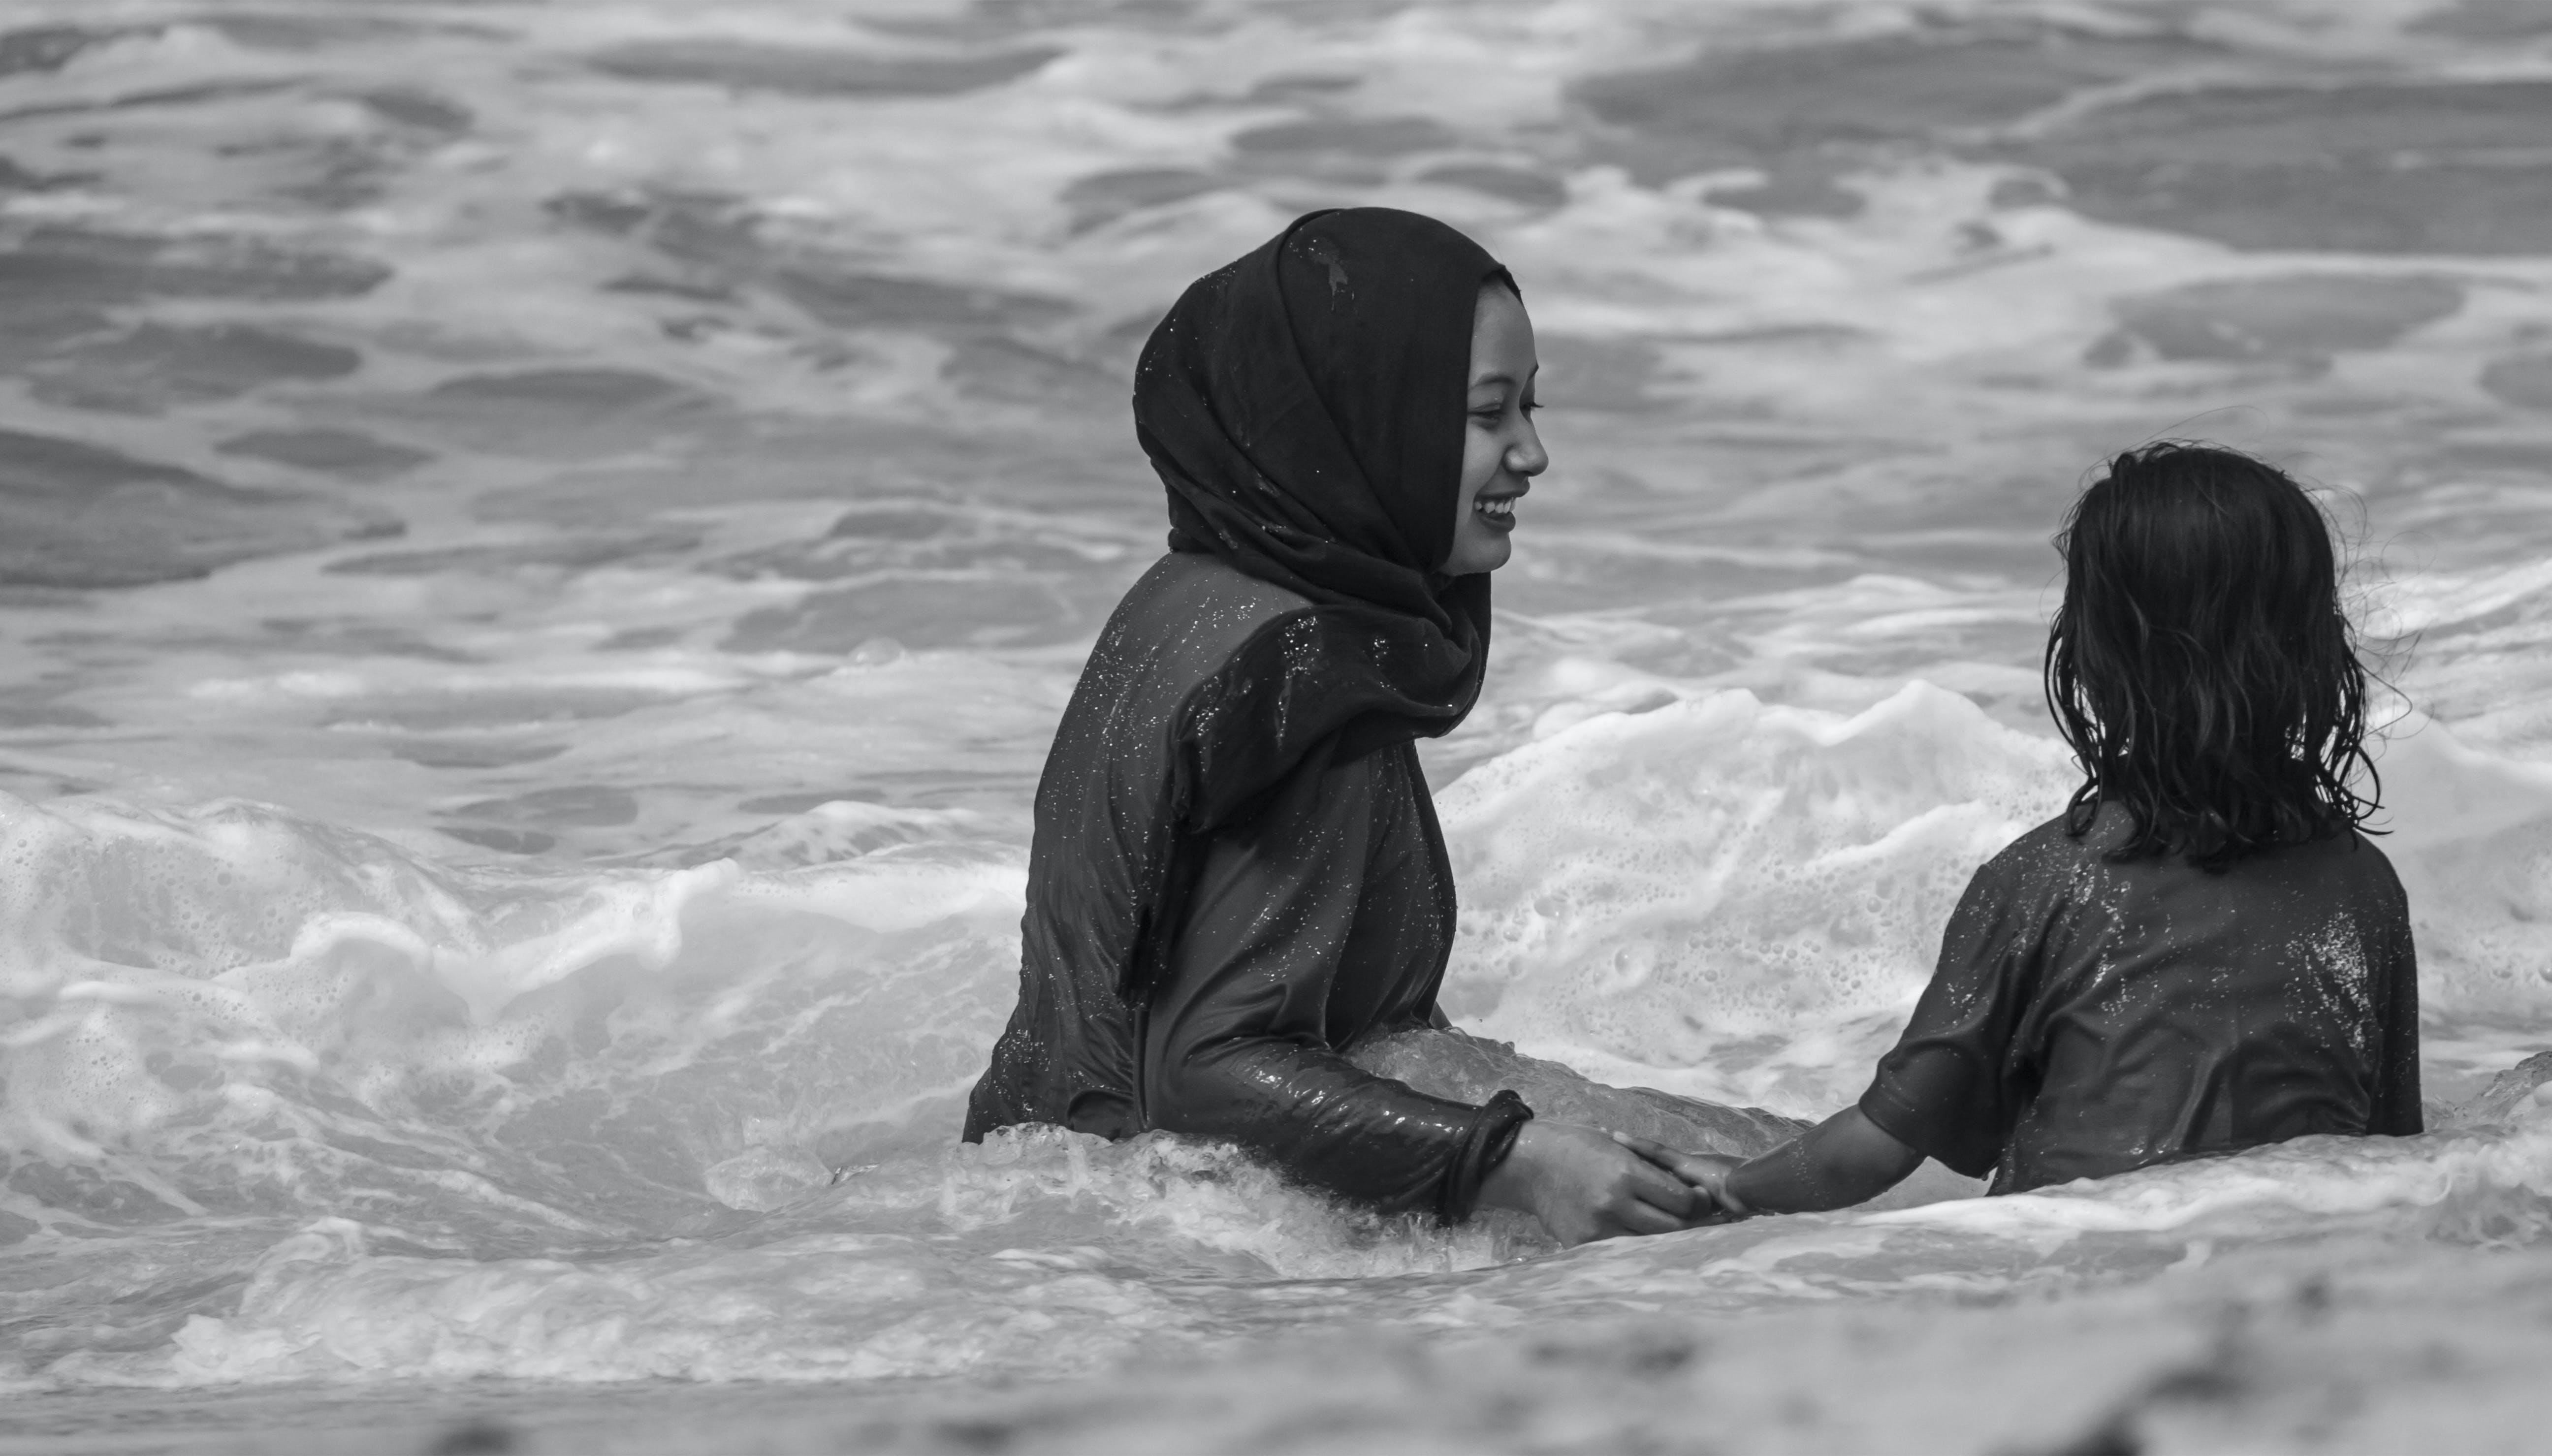 Free stock photo of beach, black-and-white, smile, street photo